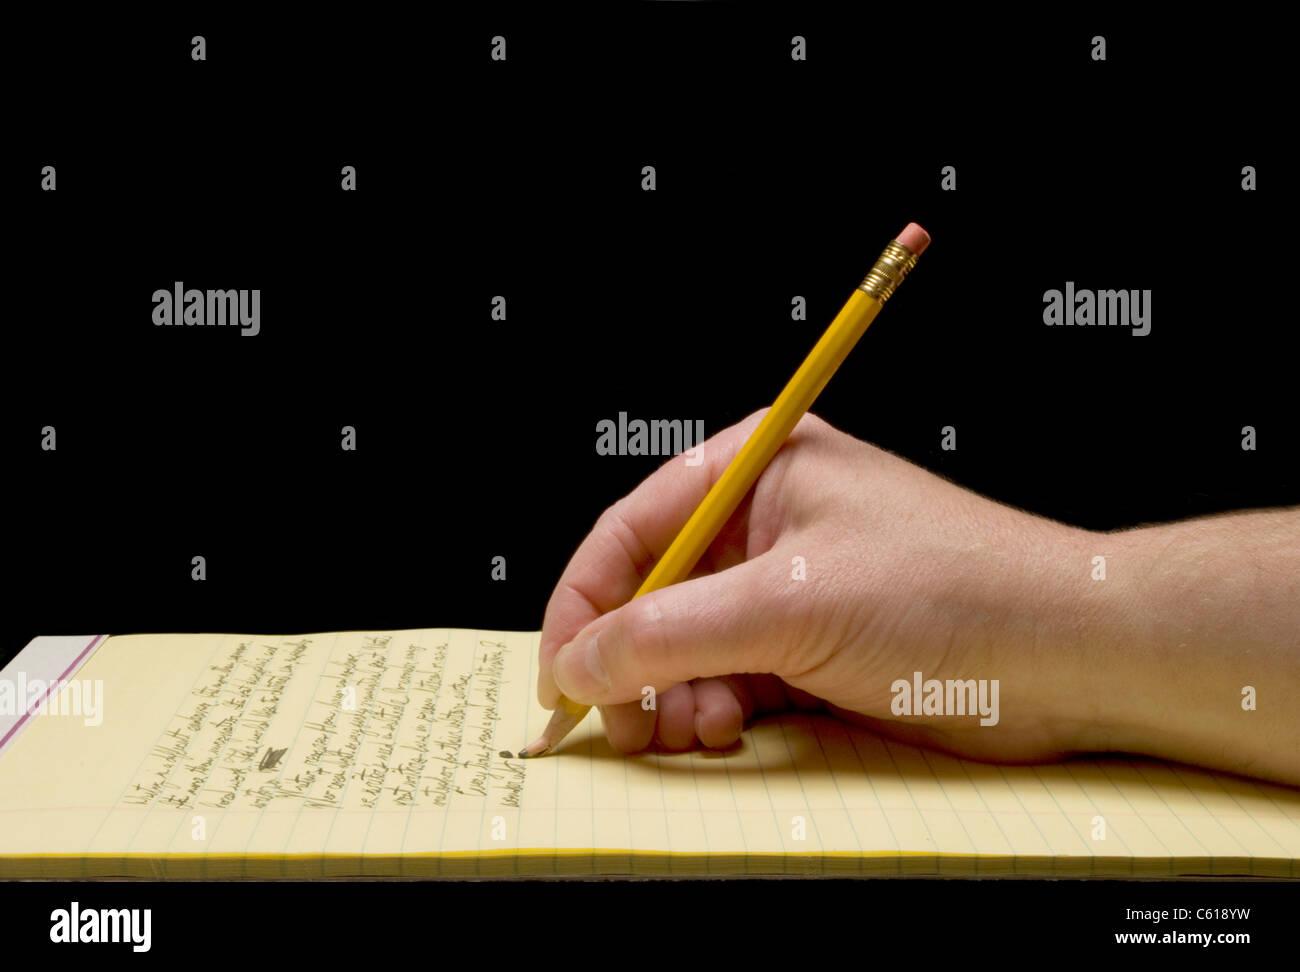 La grafia rotto con la matita sul punto giallo pad legale Immagini Stock